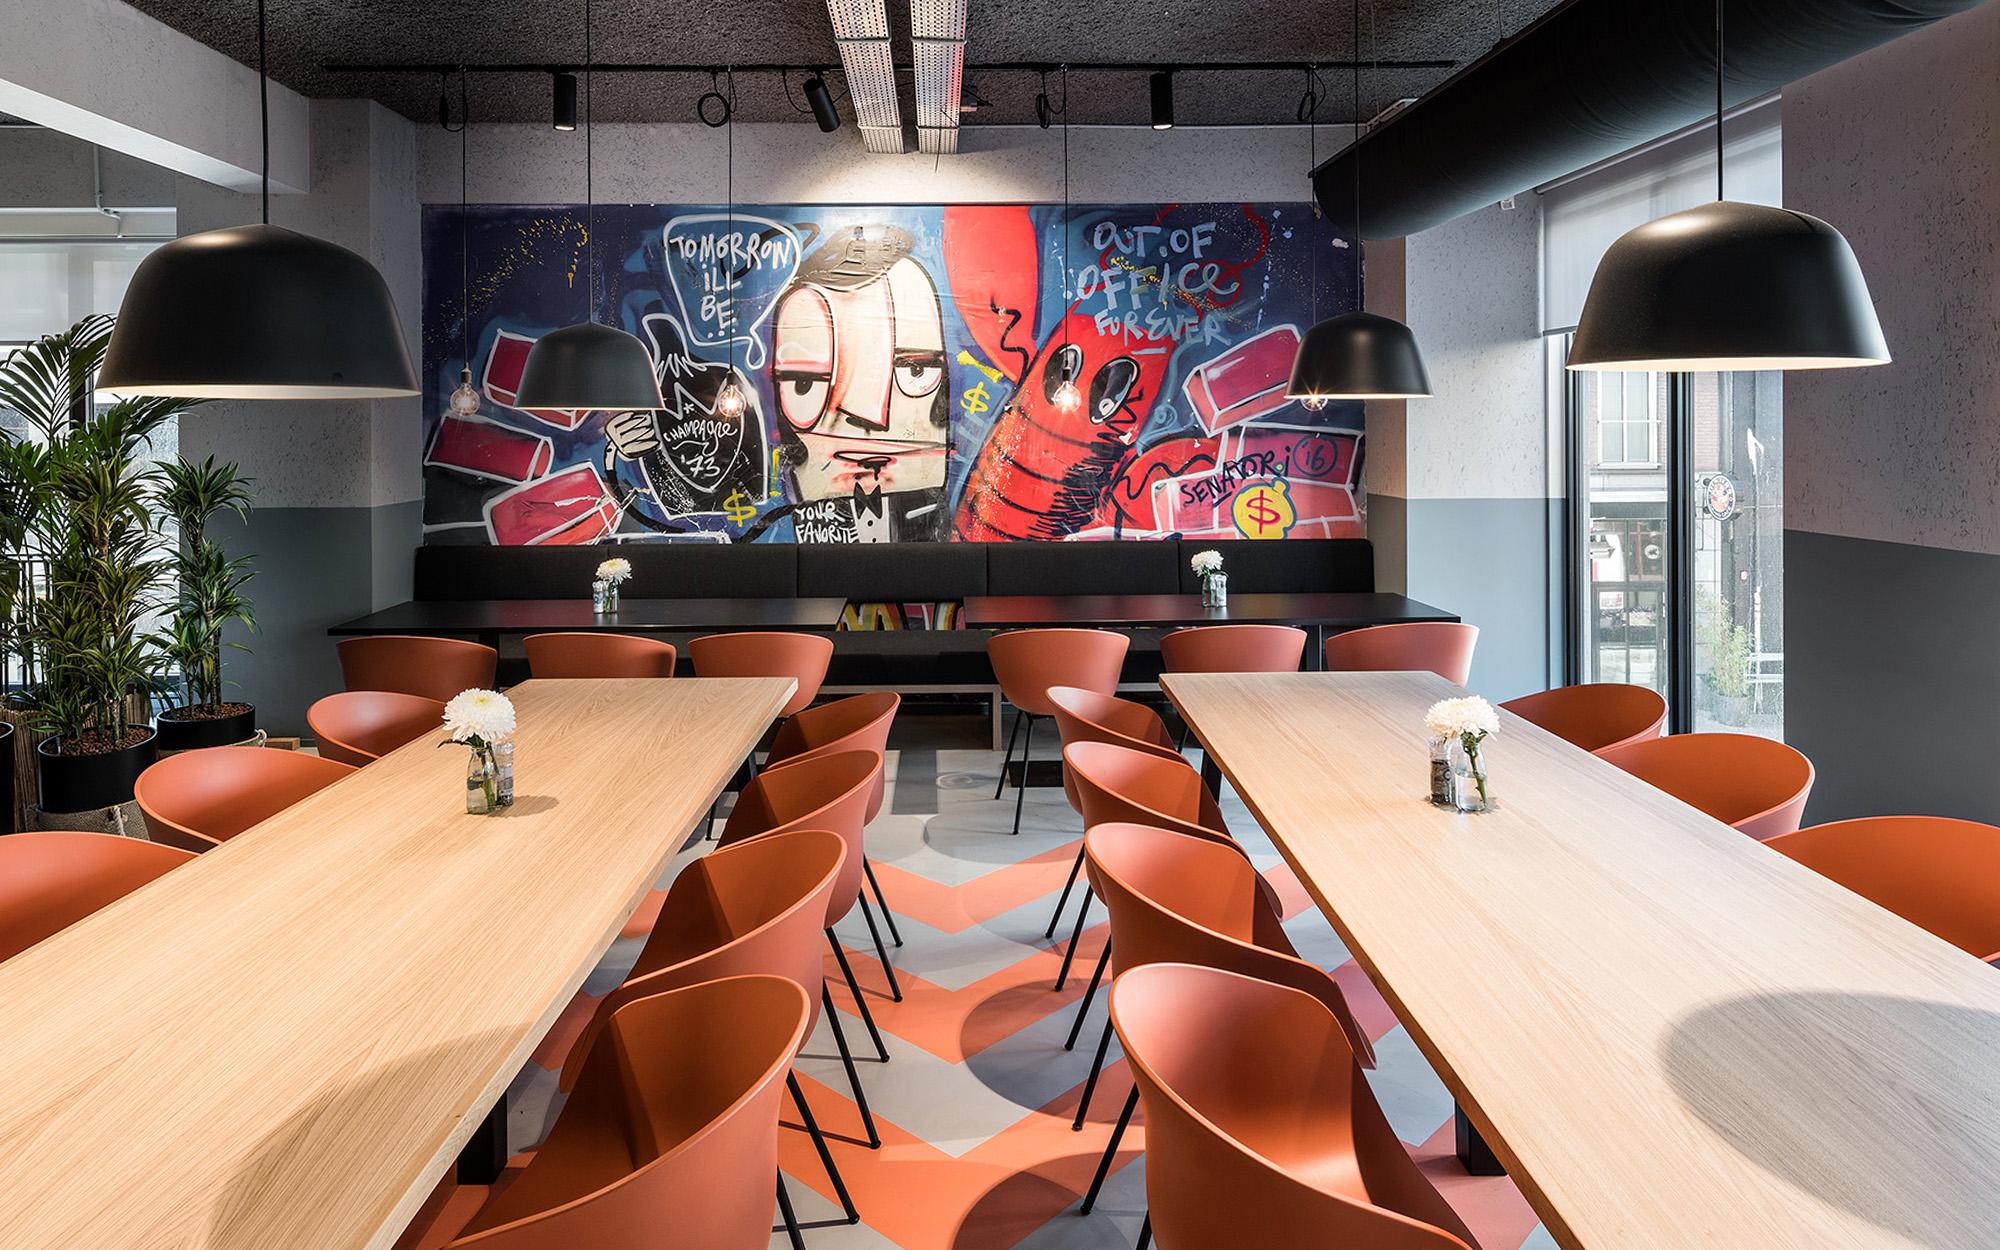 Restaurant (graffiti by Senatori)